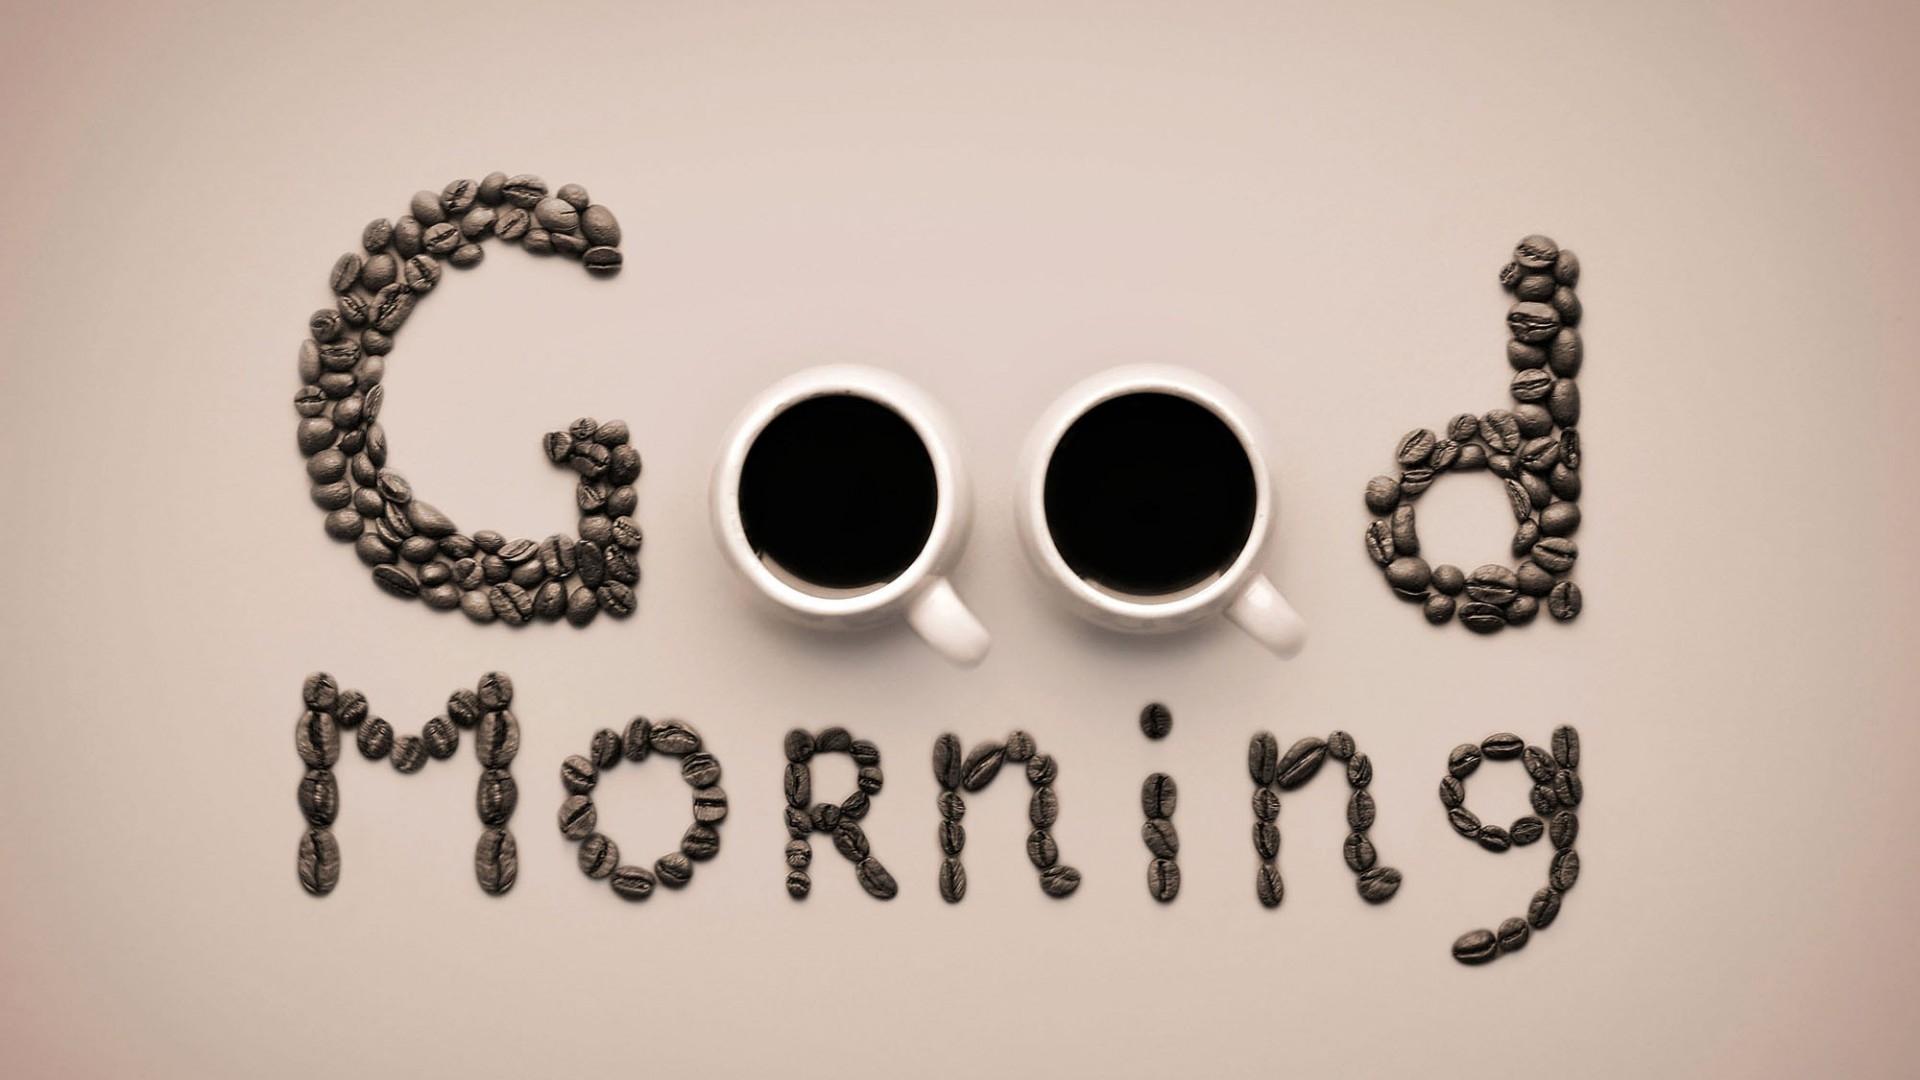 Ảnh chúc buổi sáng đẹp - Cafe buổi sáng